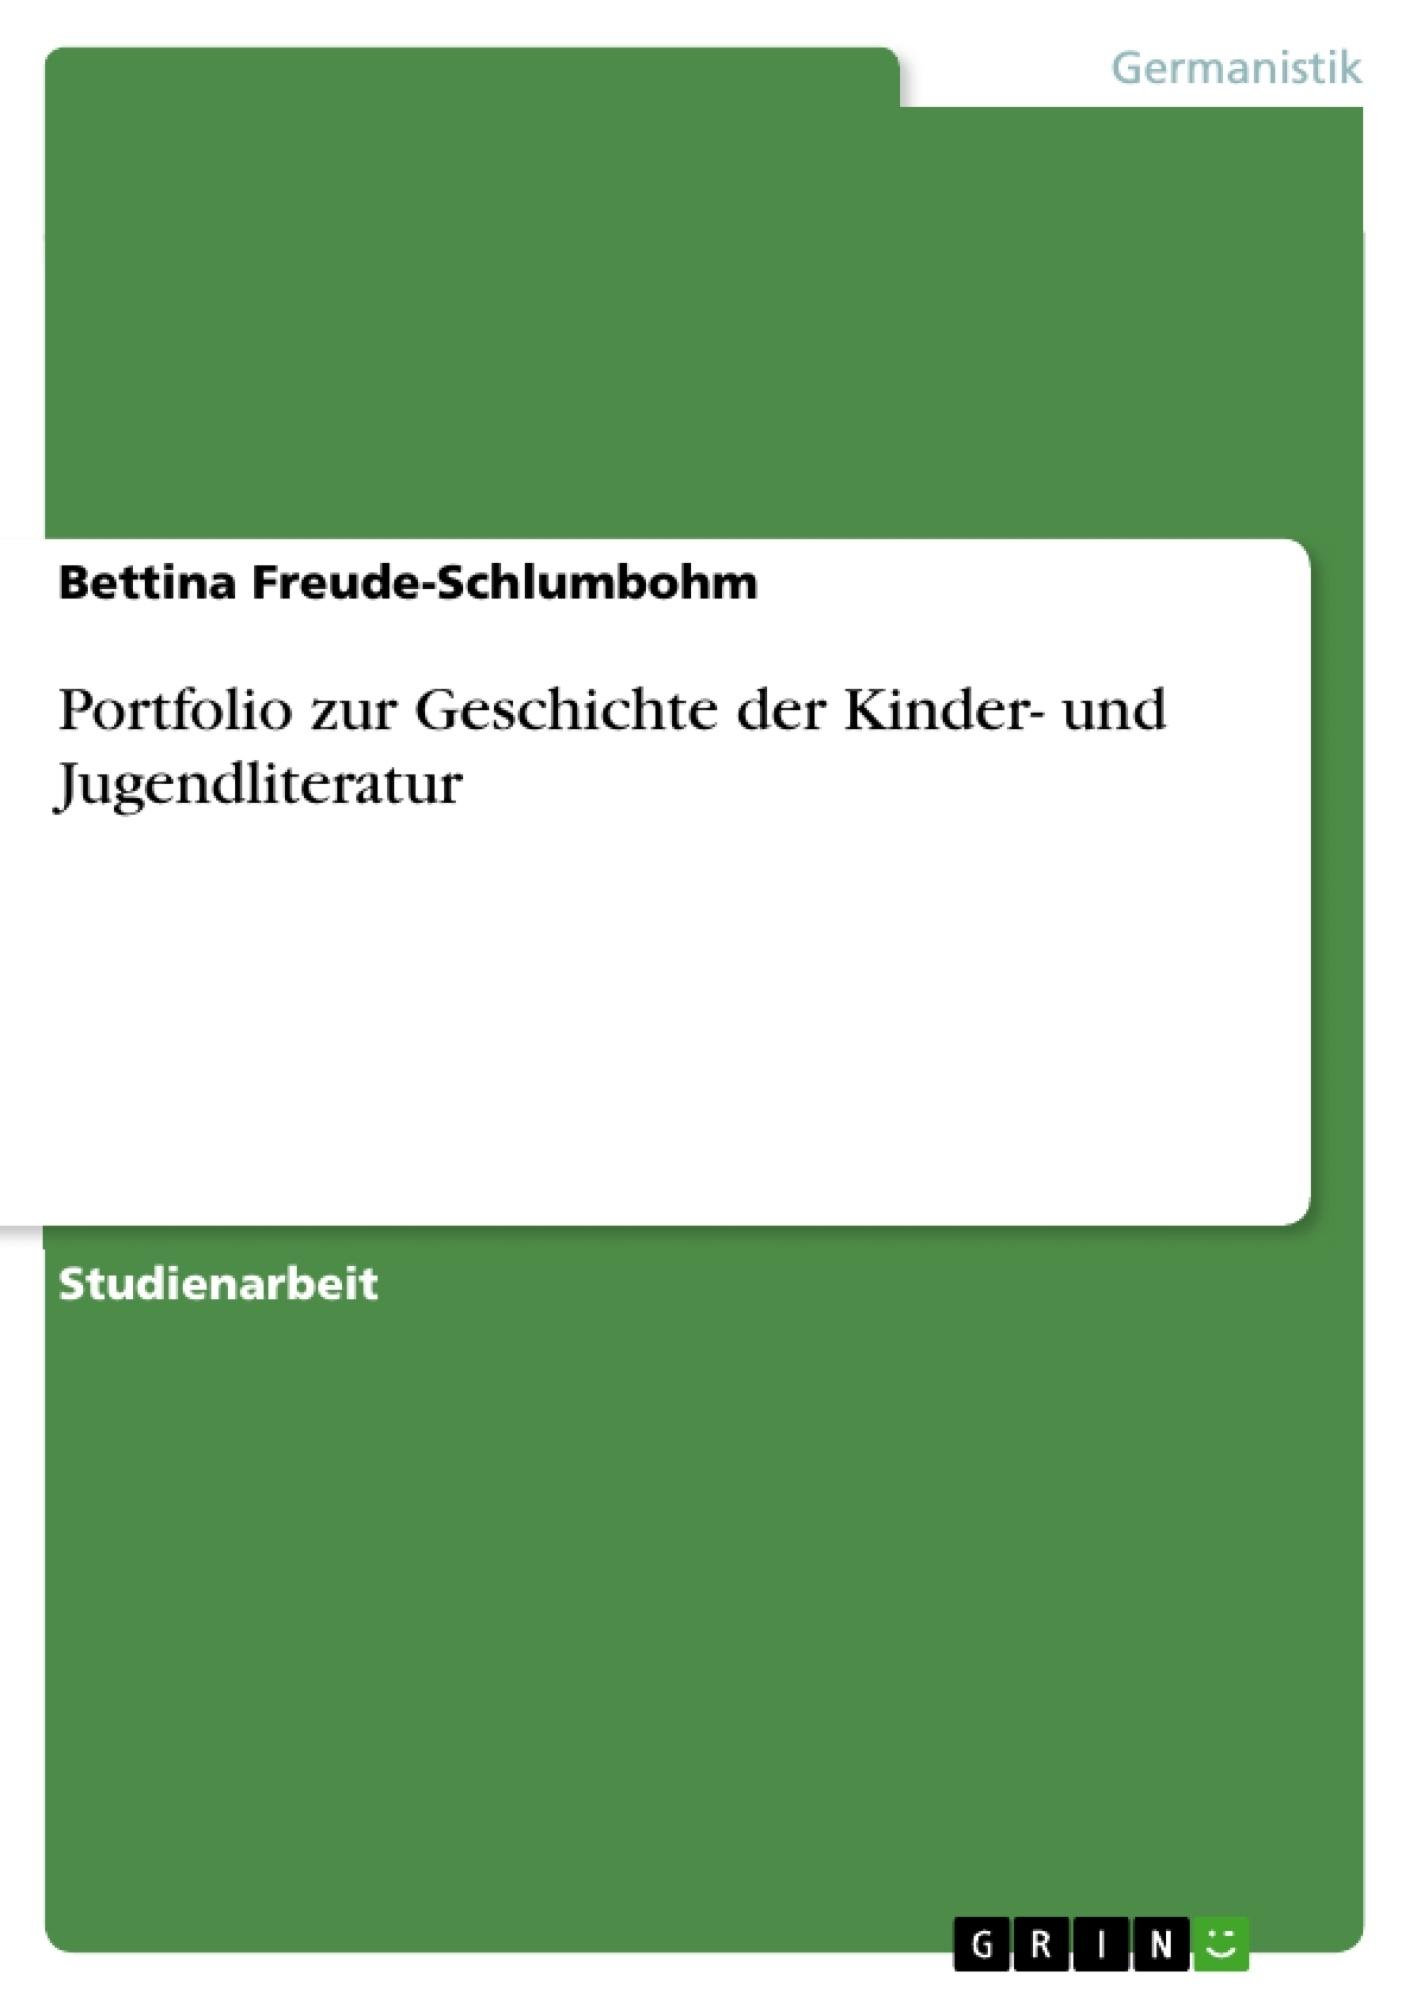 Titel: Portfolio zur Geschichte der Kinder- und Jugendliteratur